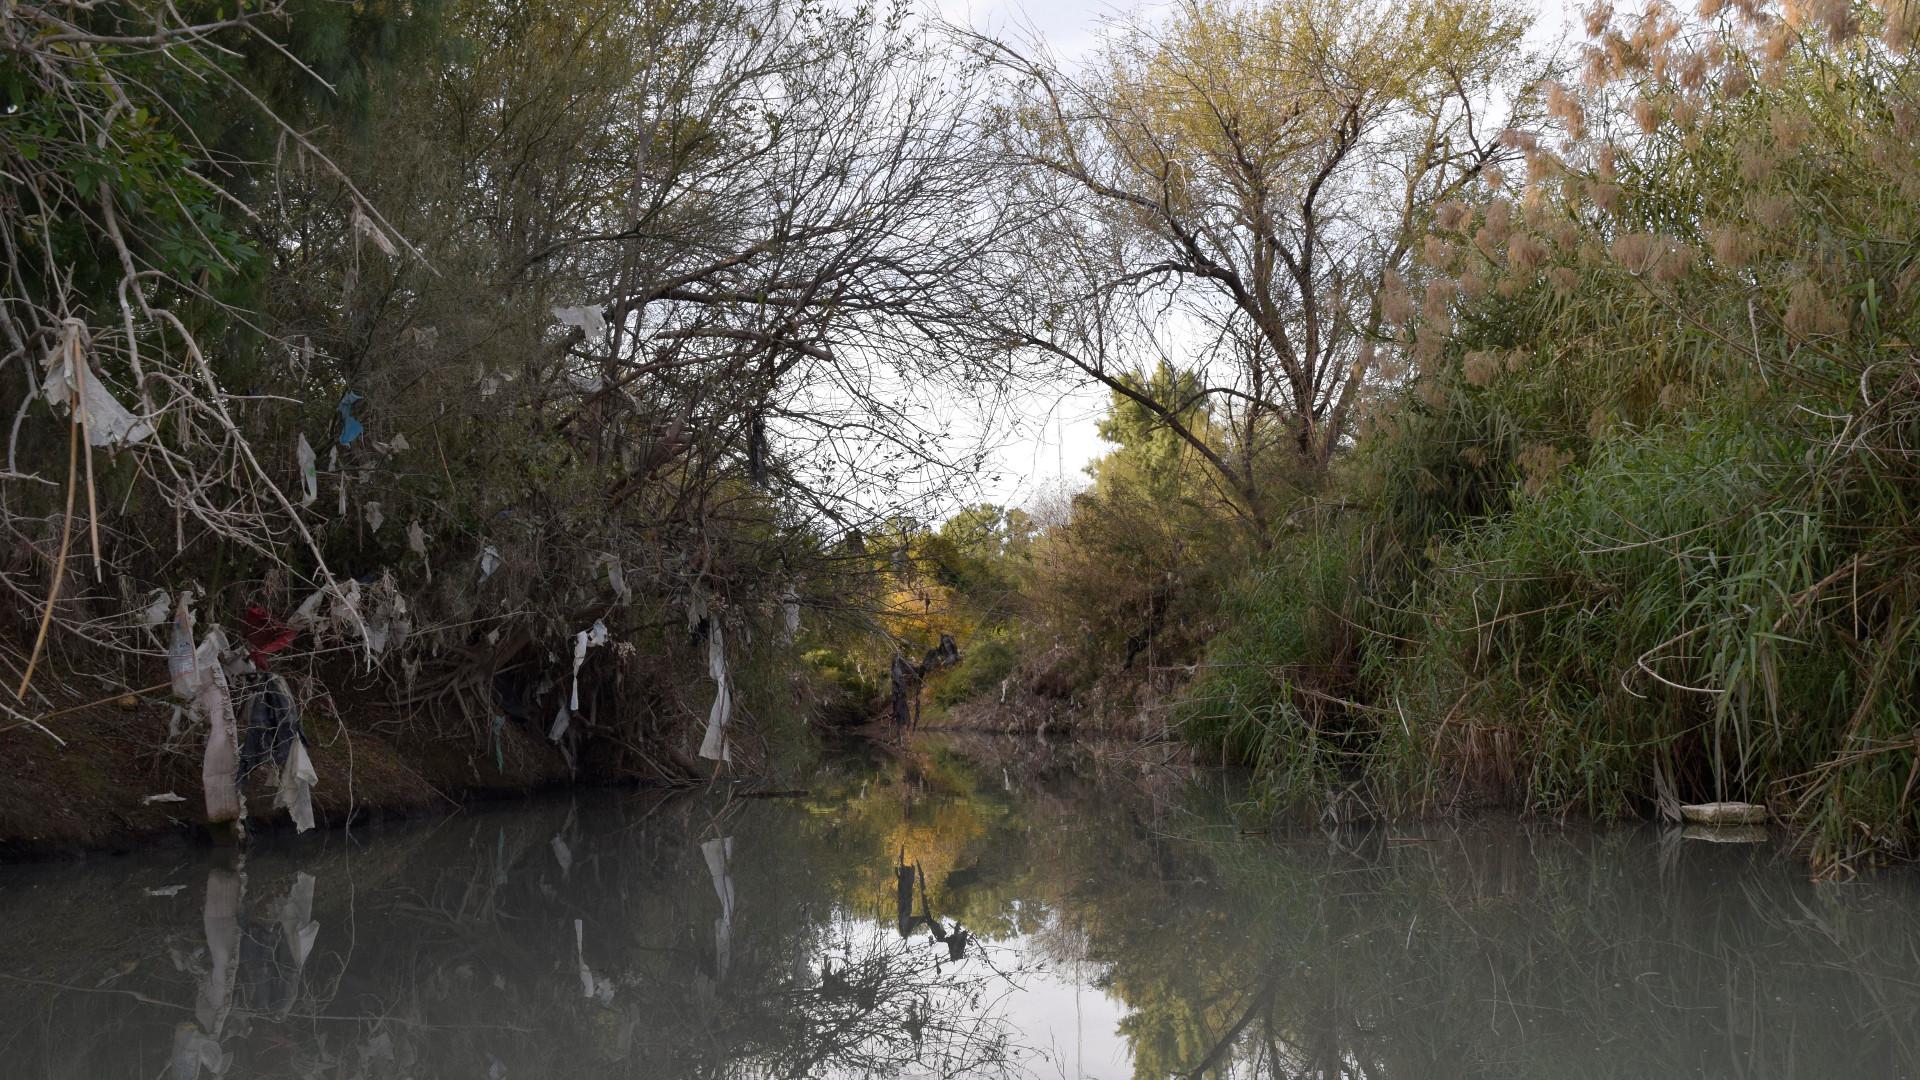 Rio Grande sewage